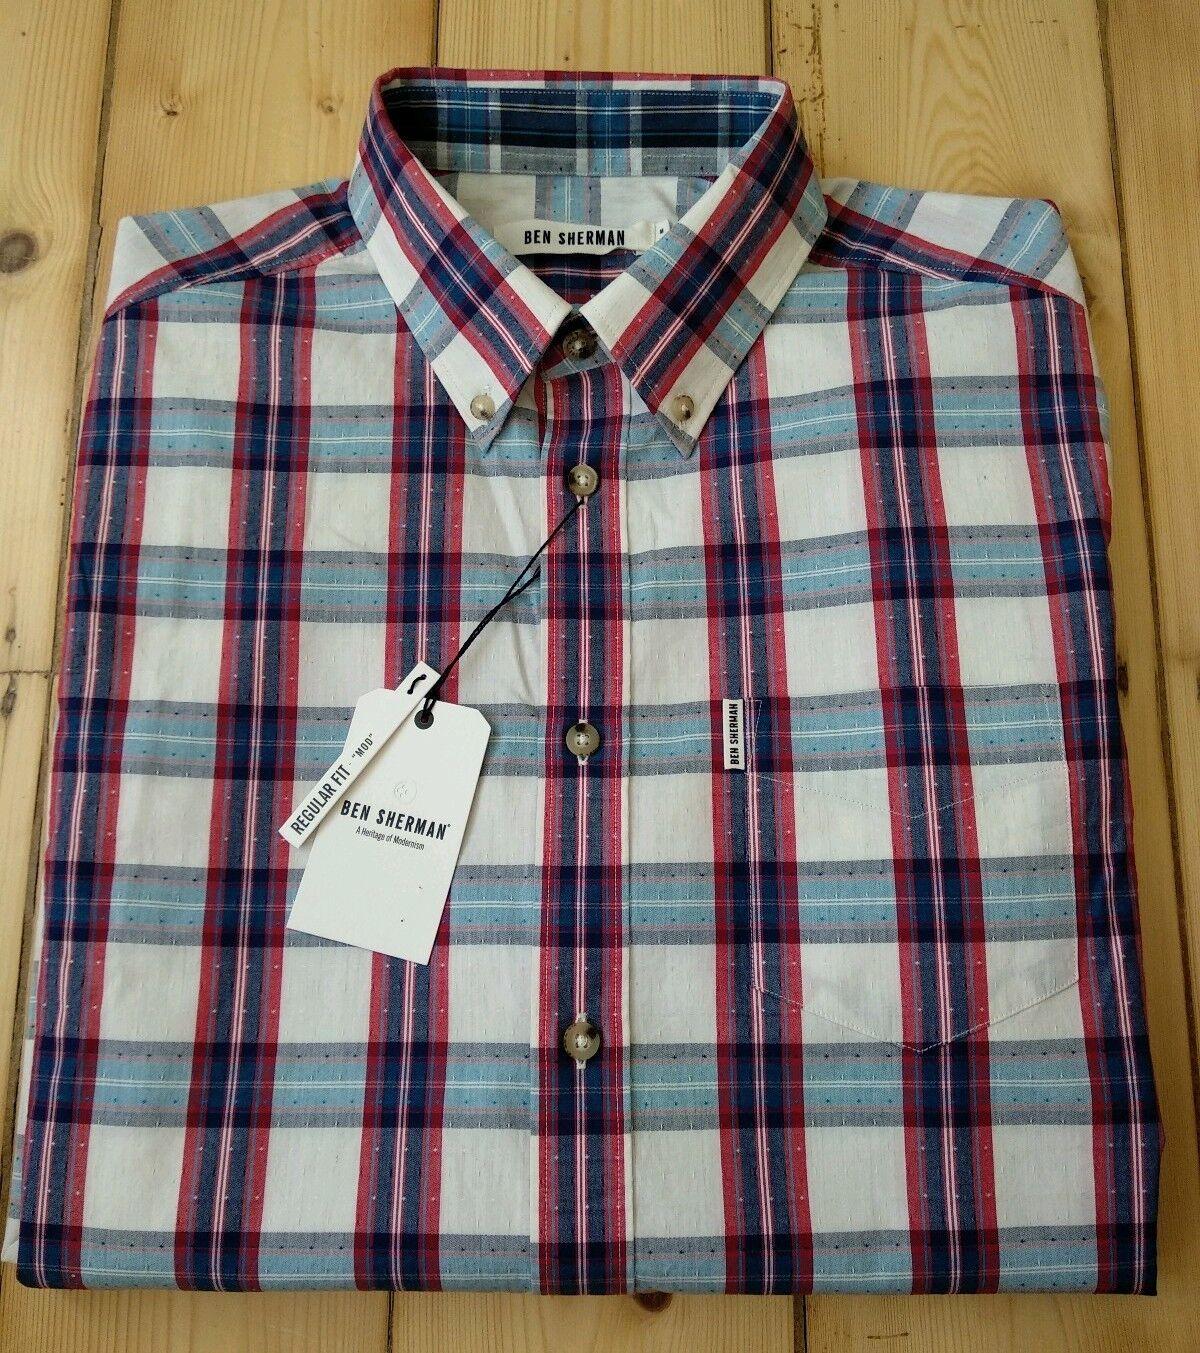 Ben Sherman Uomo Bianco Blu Rosso Check Camicia .100% Cotone. manica Lunga. medio. NUOVO